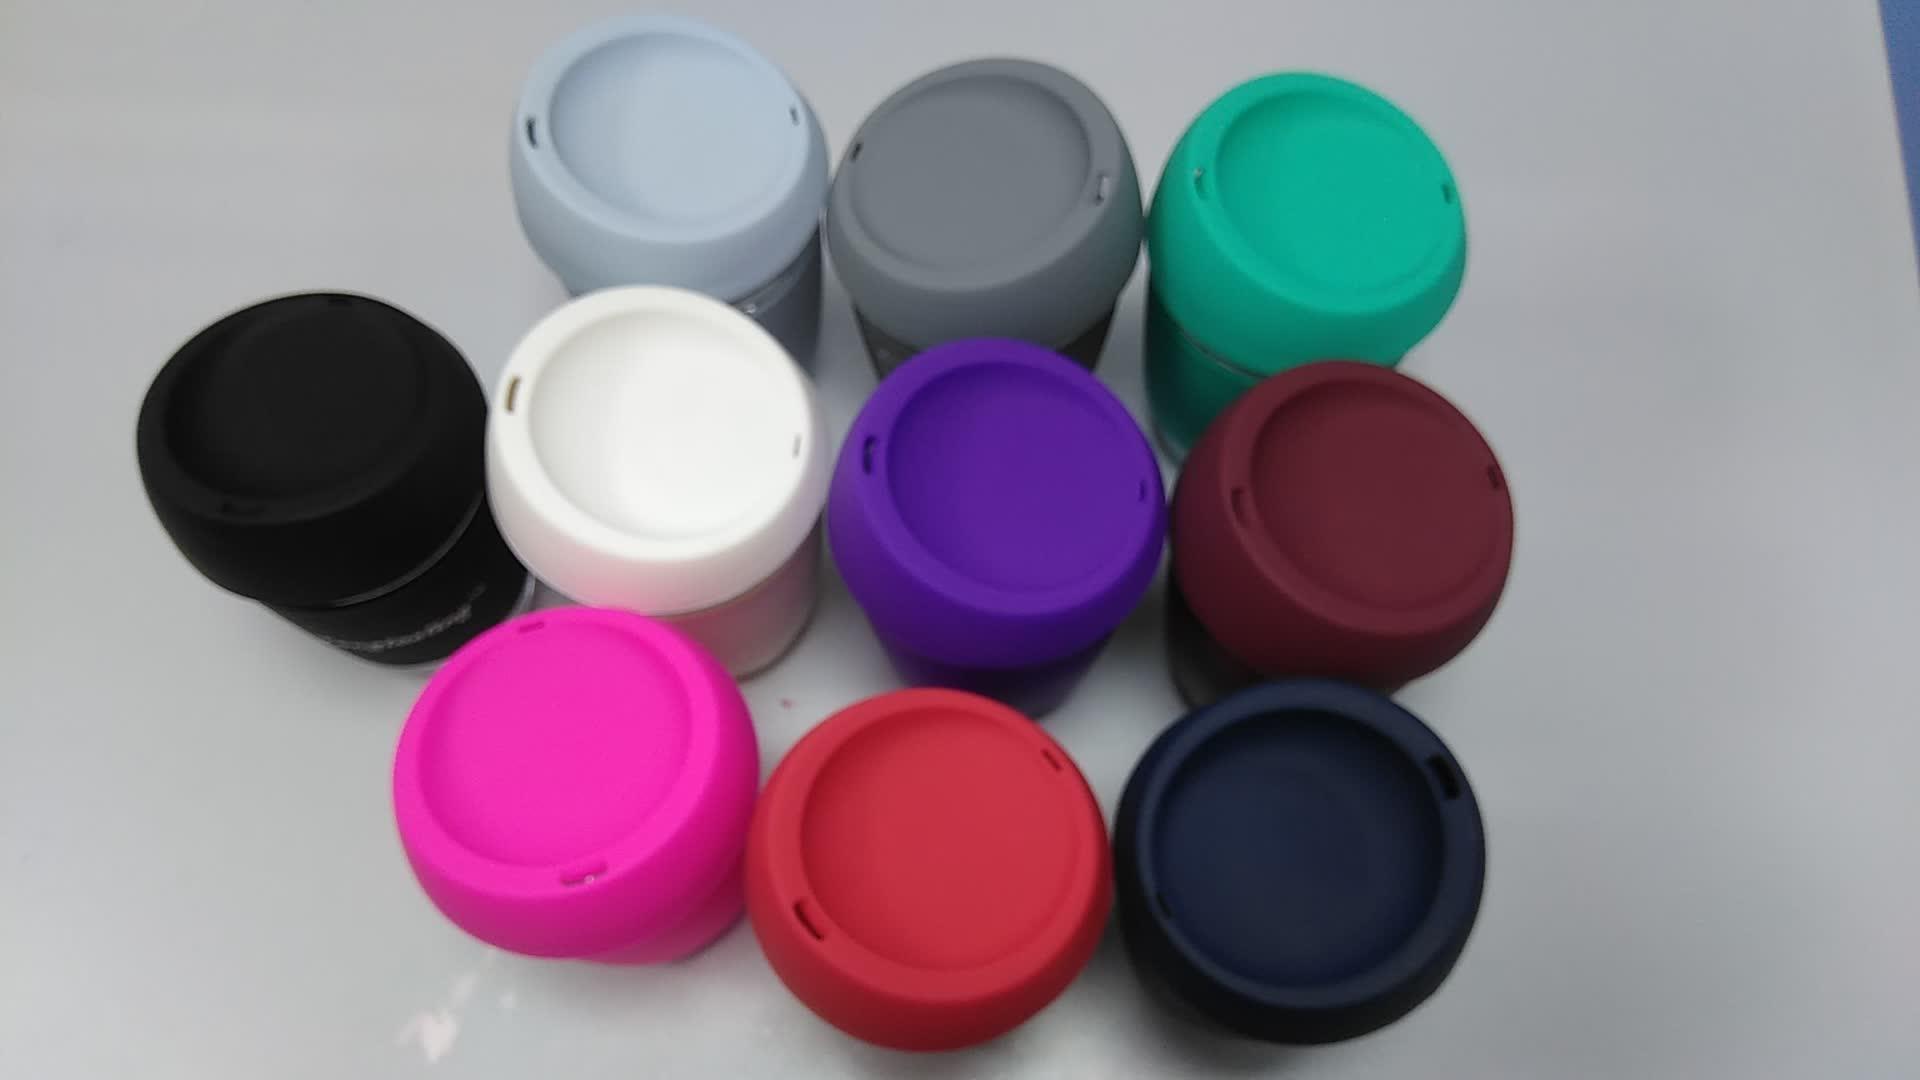 Mẫu miễn phí Bán Buôn Tùy Chỉnh Biểu Tượng Tái Sử Dụng Kính Cách Nhiệt Cà Phê Cup Tea Mug Với Tay Áo Silicone